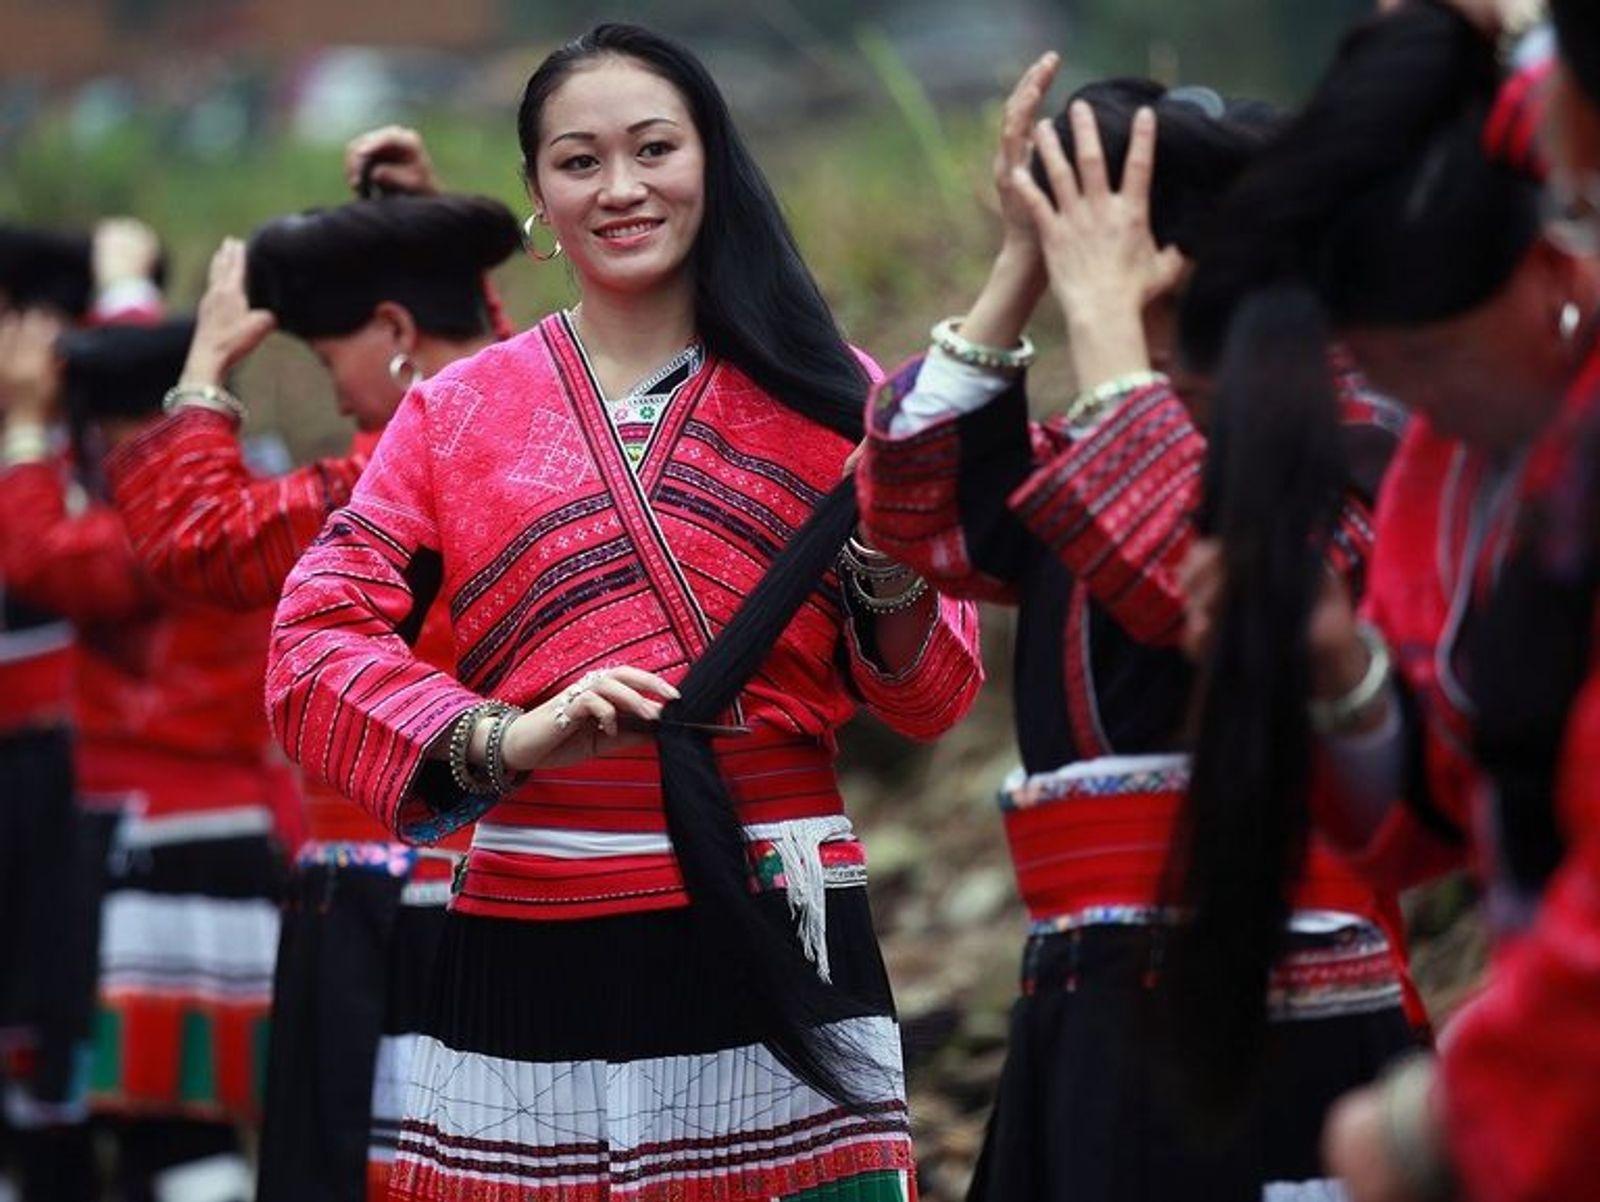 Yao Women of China with Long Hair